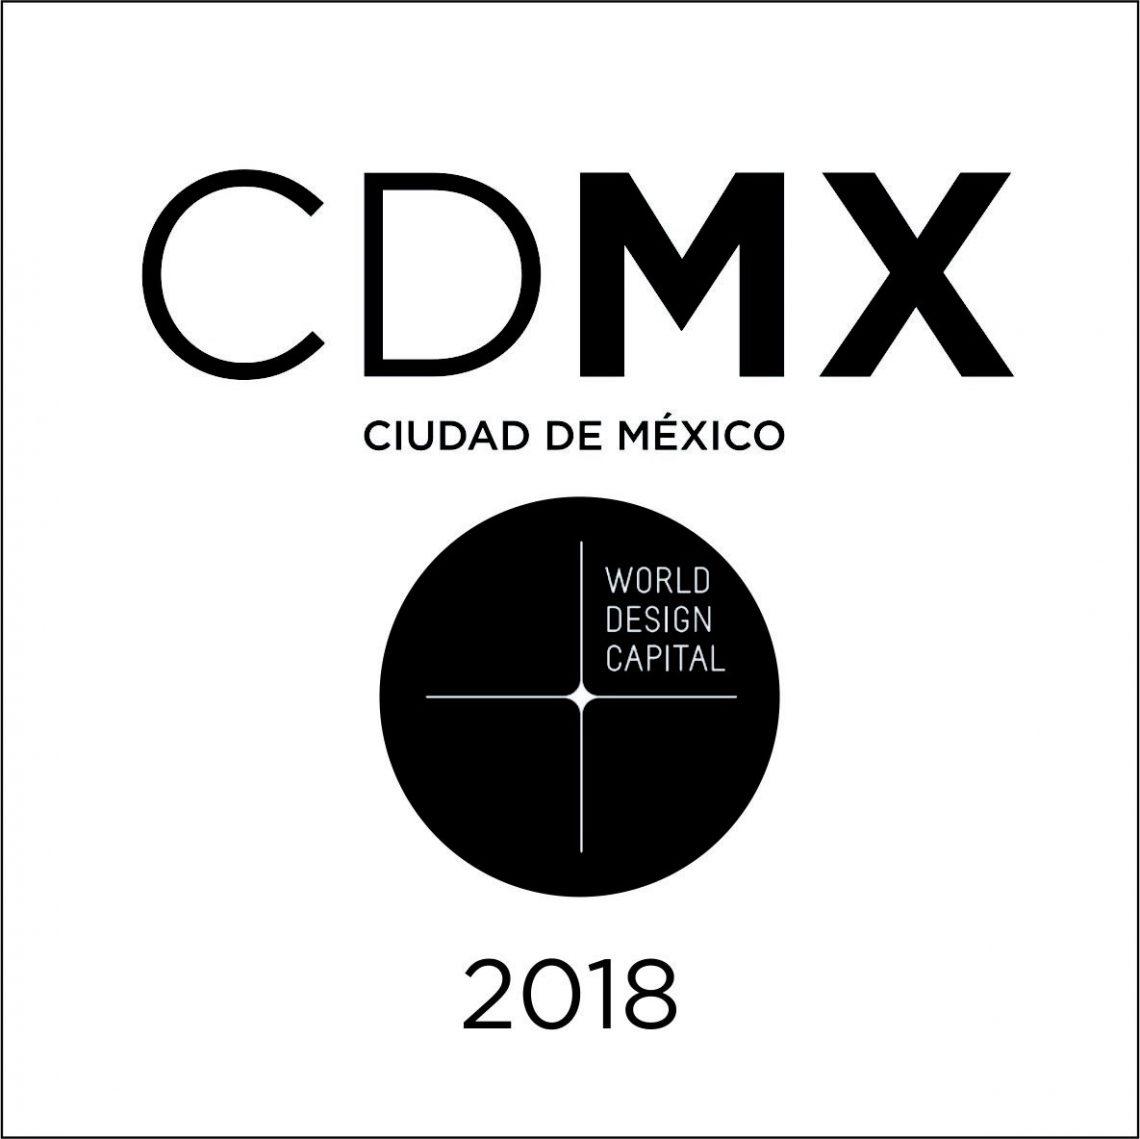 CDMX, Capital Mundial del Diseño 2018.